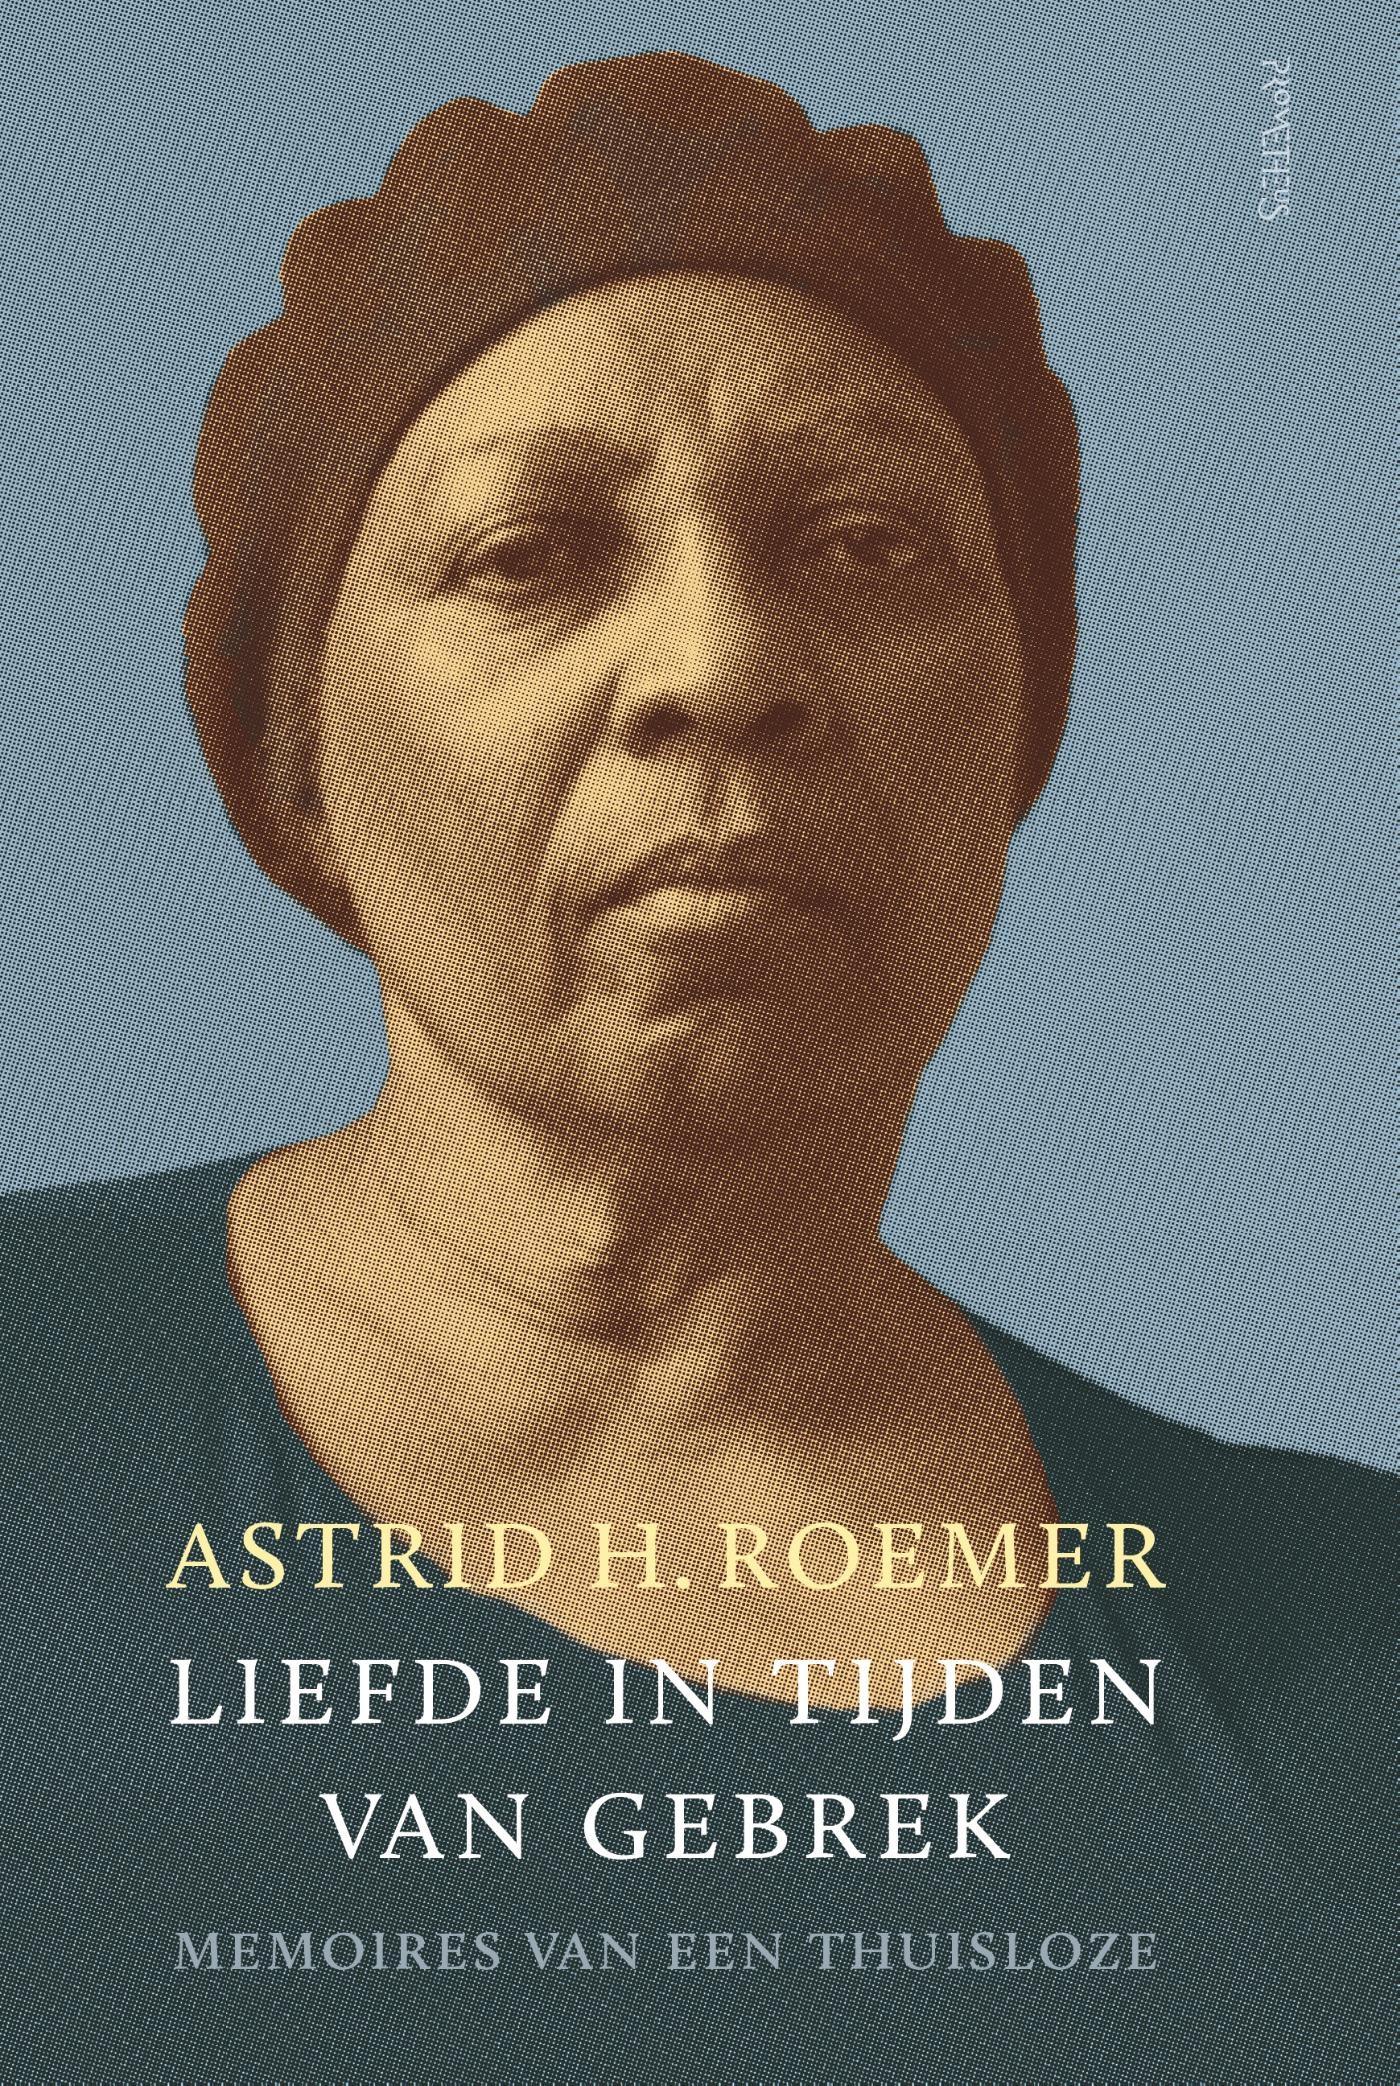 Liefde in tijden van gebrek – Astrid Roemer